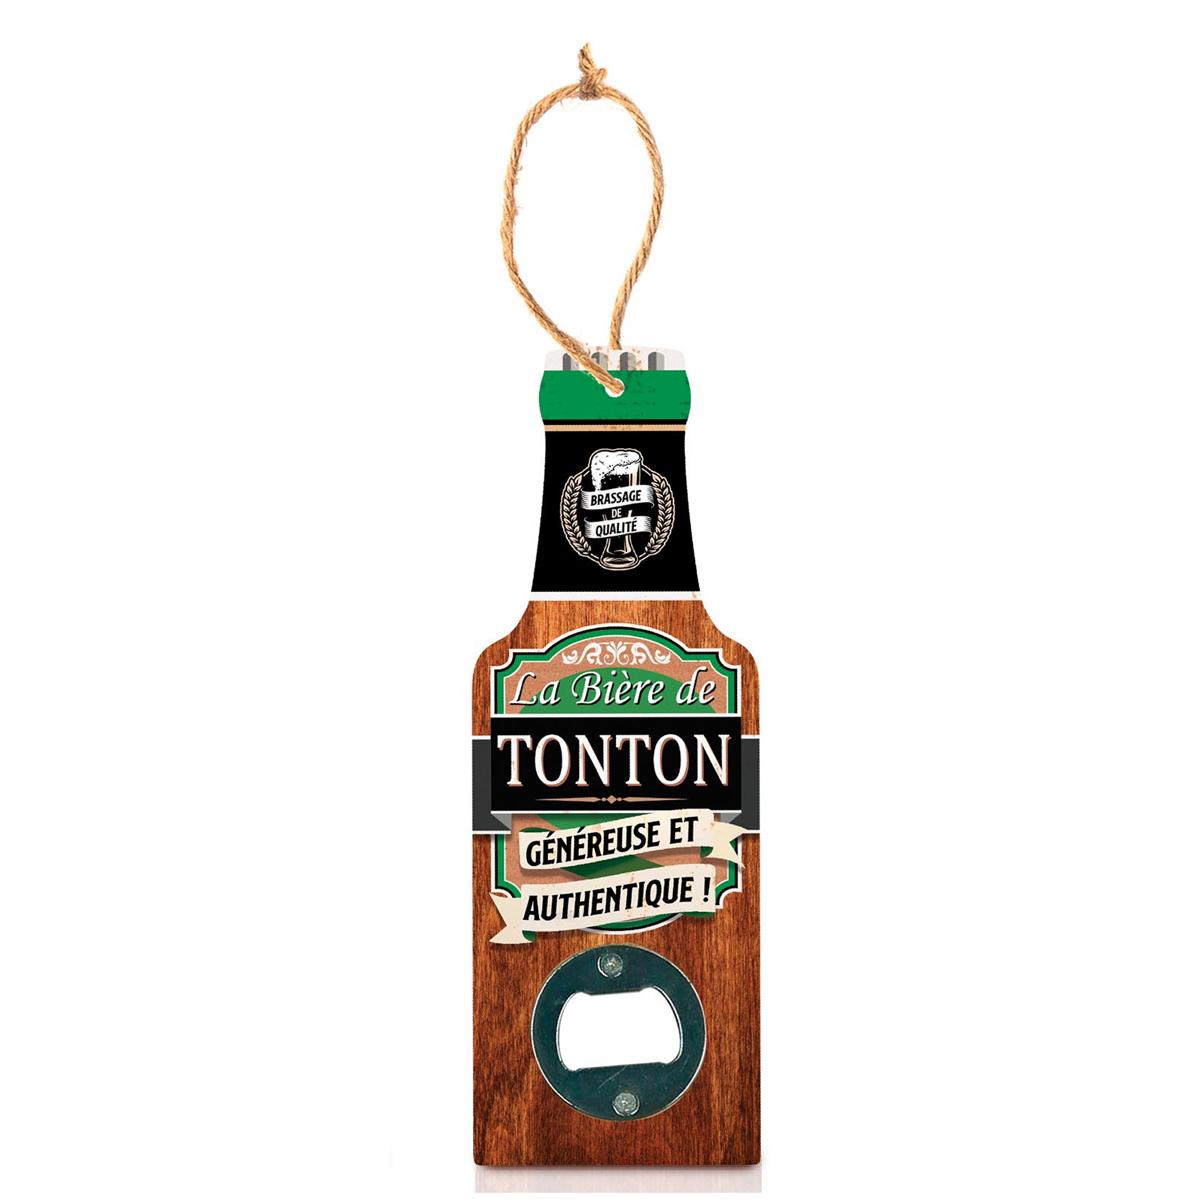 Décapsuleur humoristique bois \'Bouteille\' (La bière de Tonton, généreuse et authentique !) - 20x7 cm - [A1600]